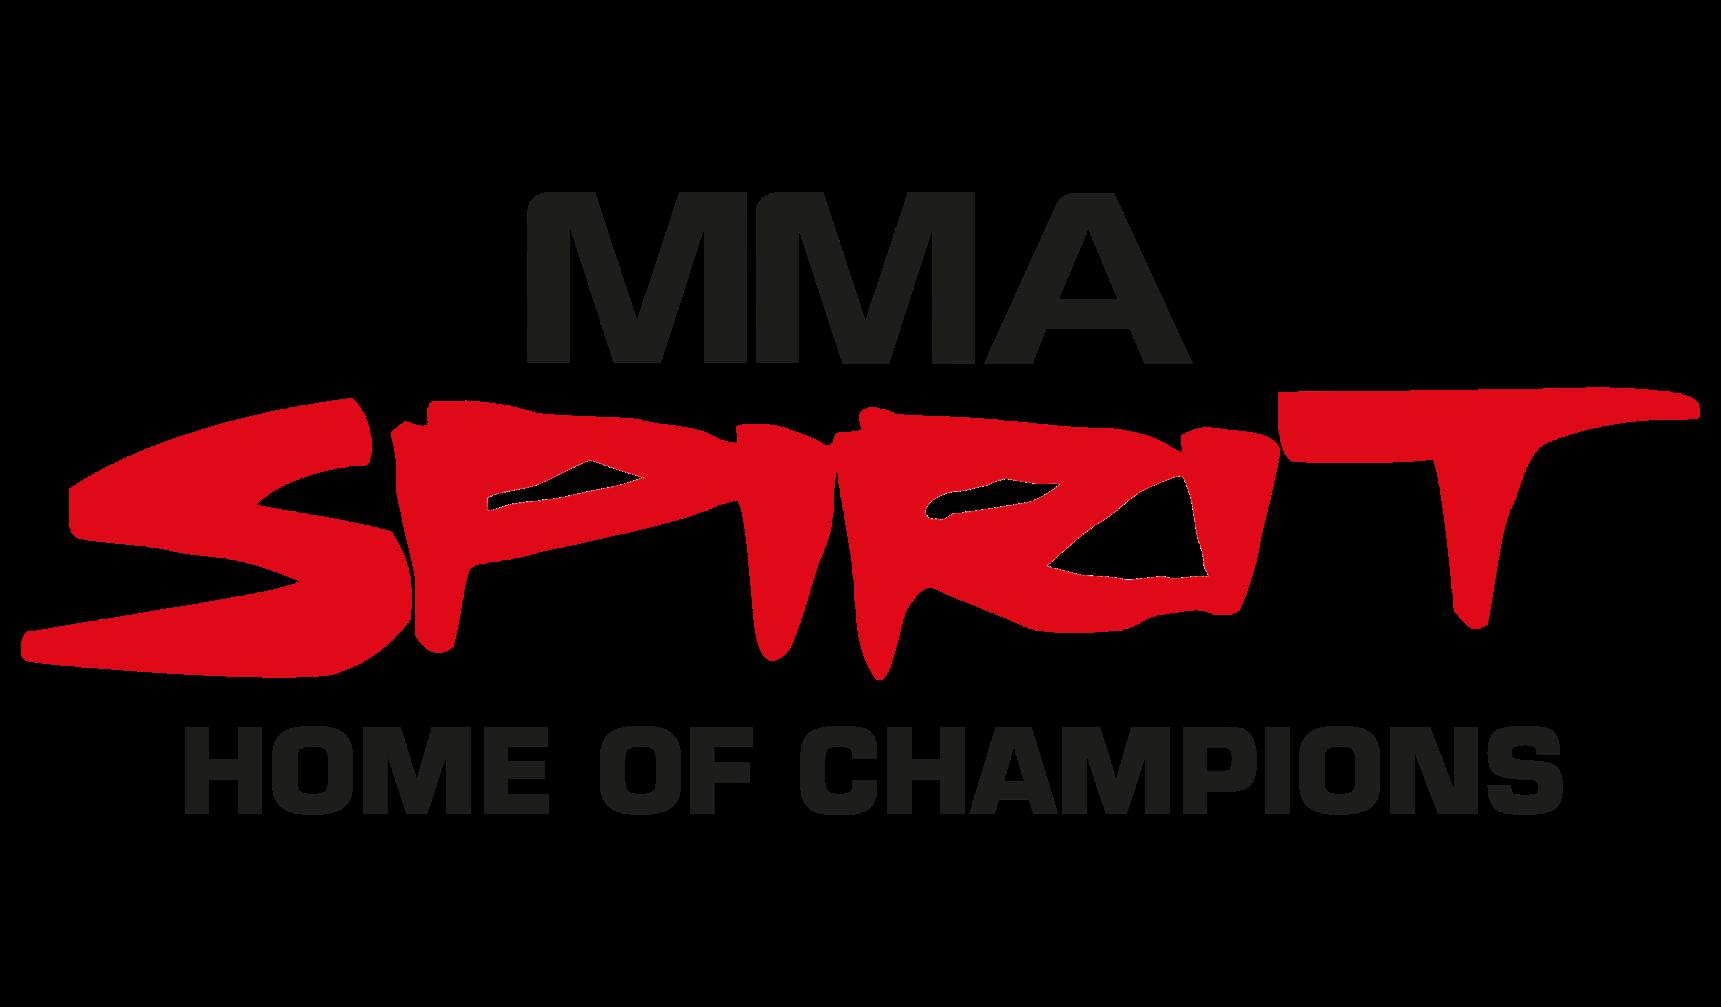 Logo des Kampfsport-Studios/MMA-Studios/Gym, MMA Spirit aus Frankfurt am Main - Home of Champions, Partner von FEFLOGX Sportswear.